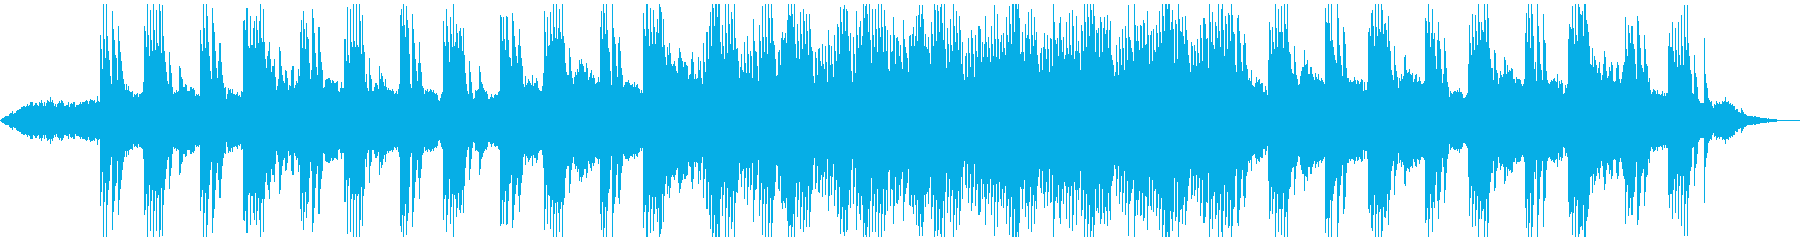 ホラー、ミステリー、サスペンス系BGMの再生済みの波形